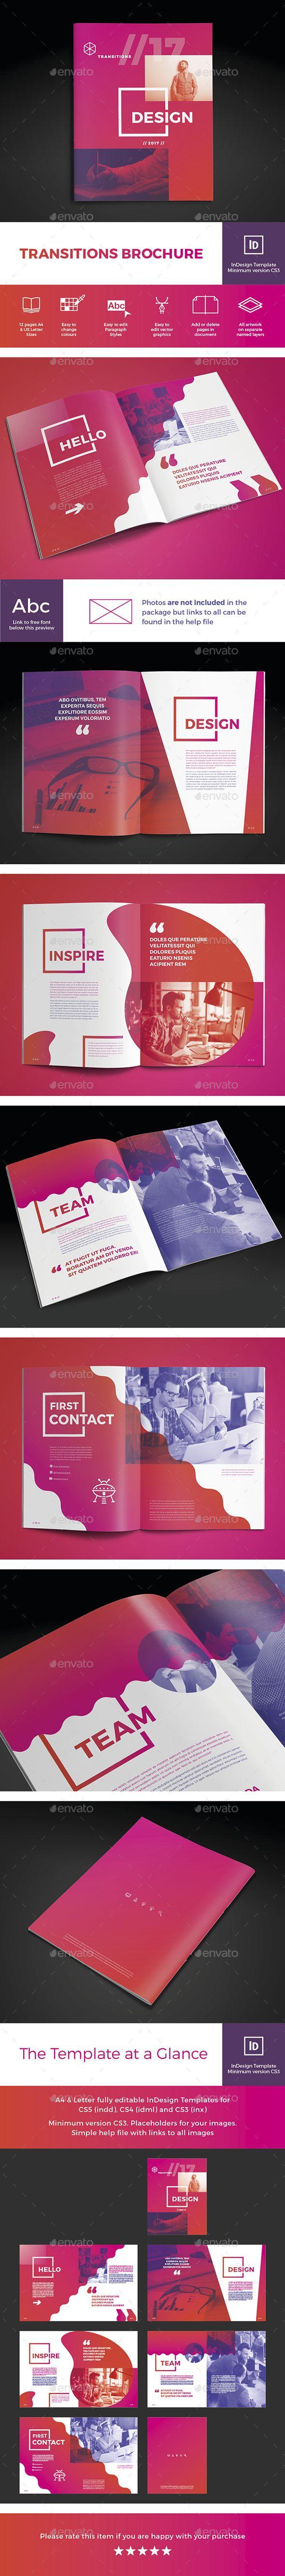 Transitions Brochure | Diseños de identidad, Lo amo y Amo